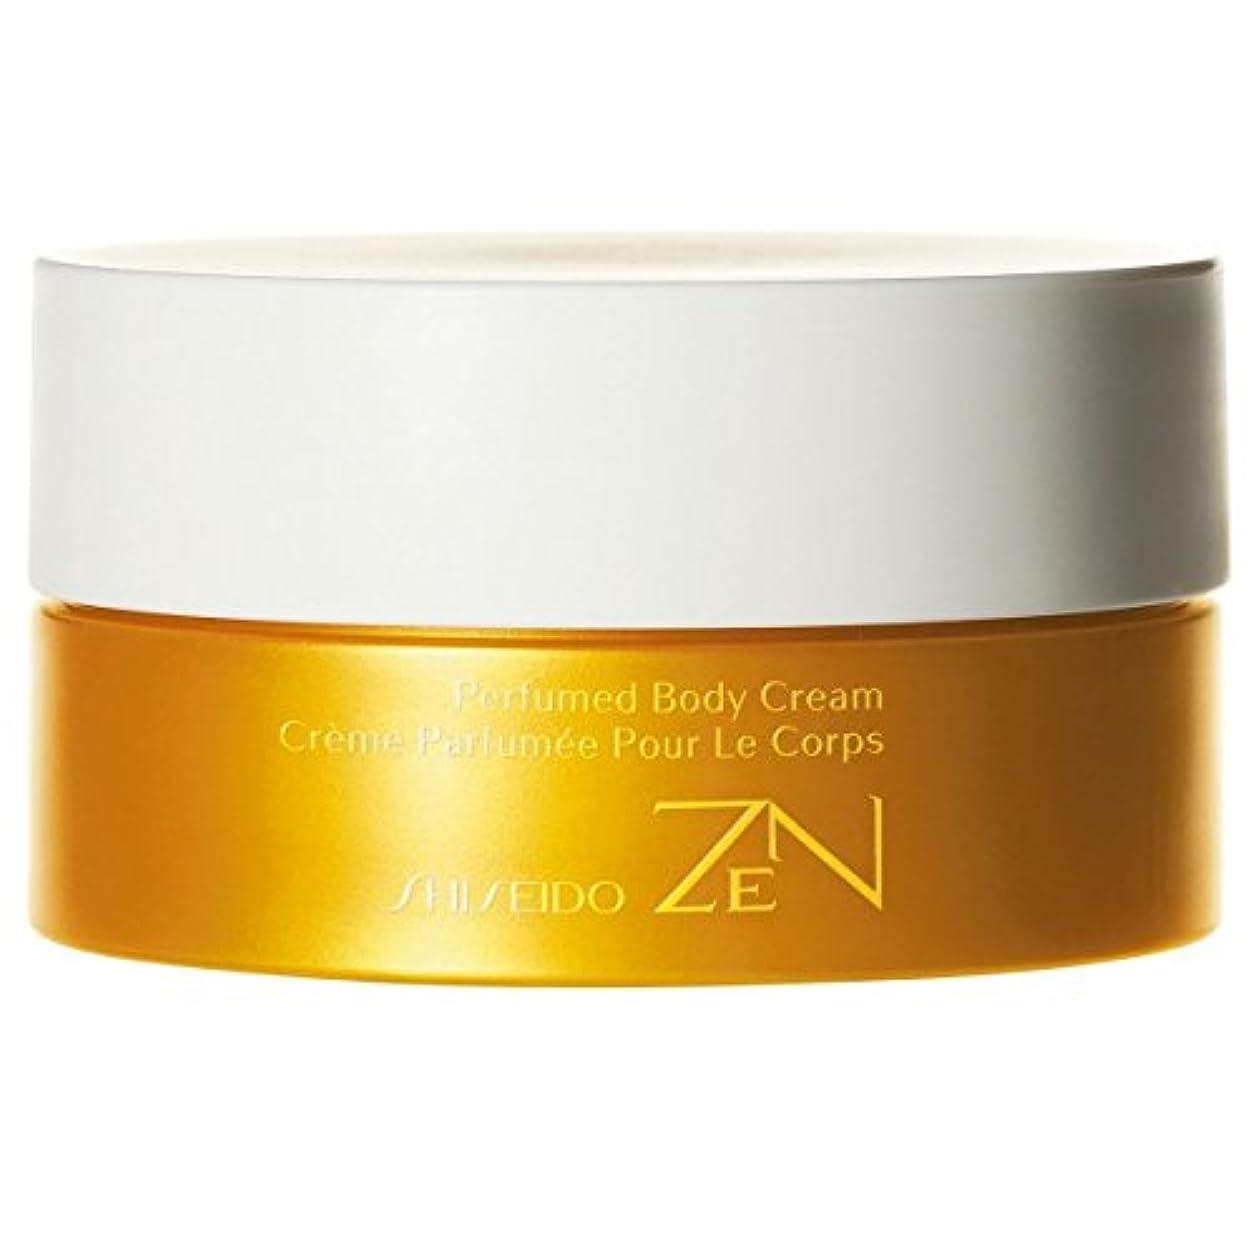 第二壮大なゴール[Shiseido ] 資生堂禅香りのボディクリーム200ミリリットル - Shiseido Zen Perfumed Body Cream 200ml [並行輸入品]